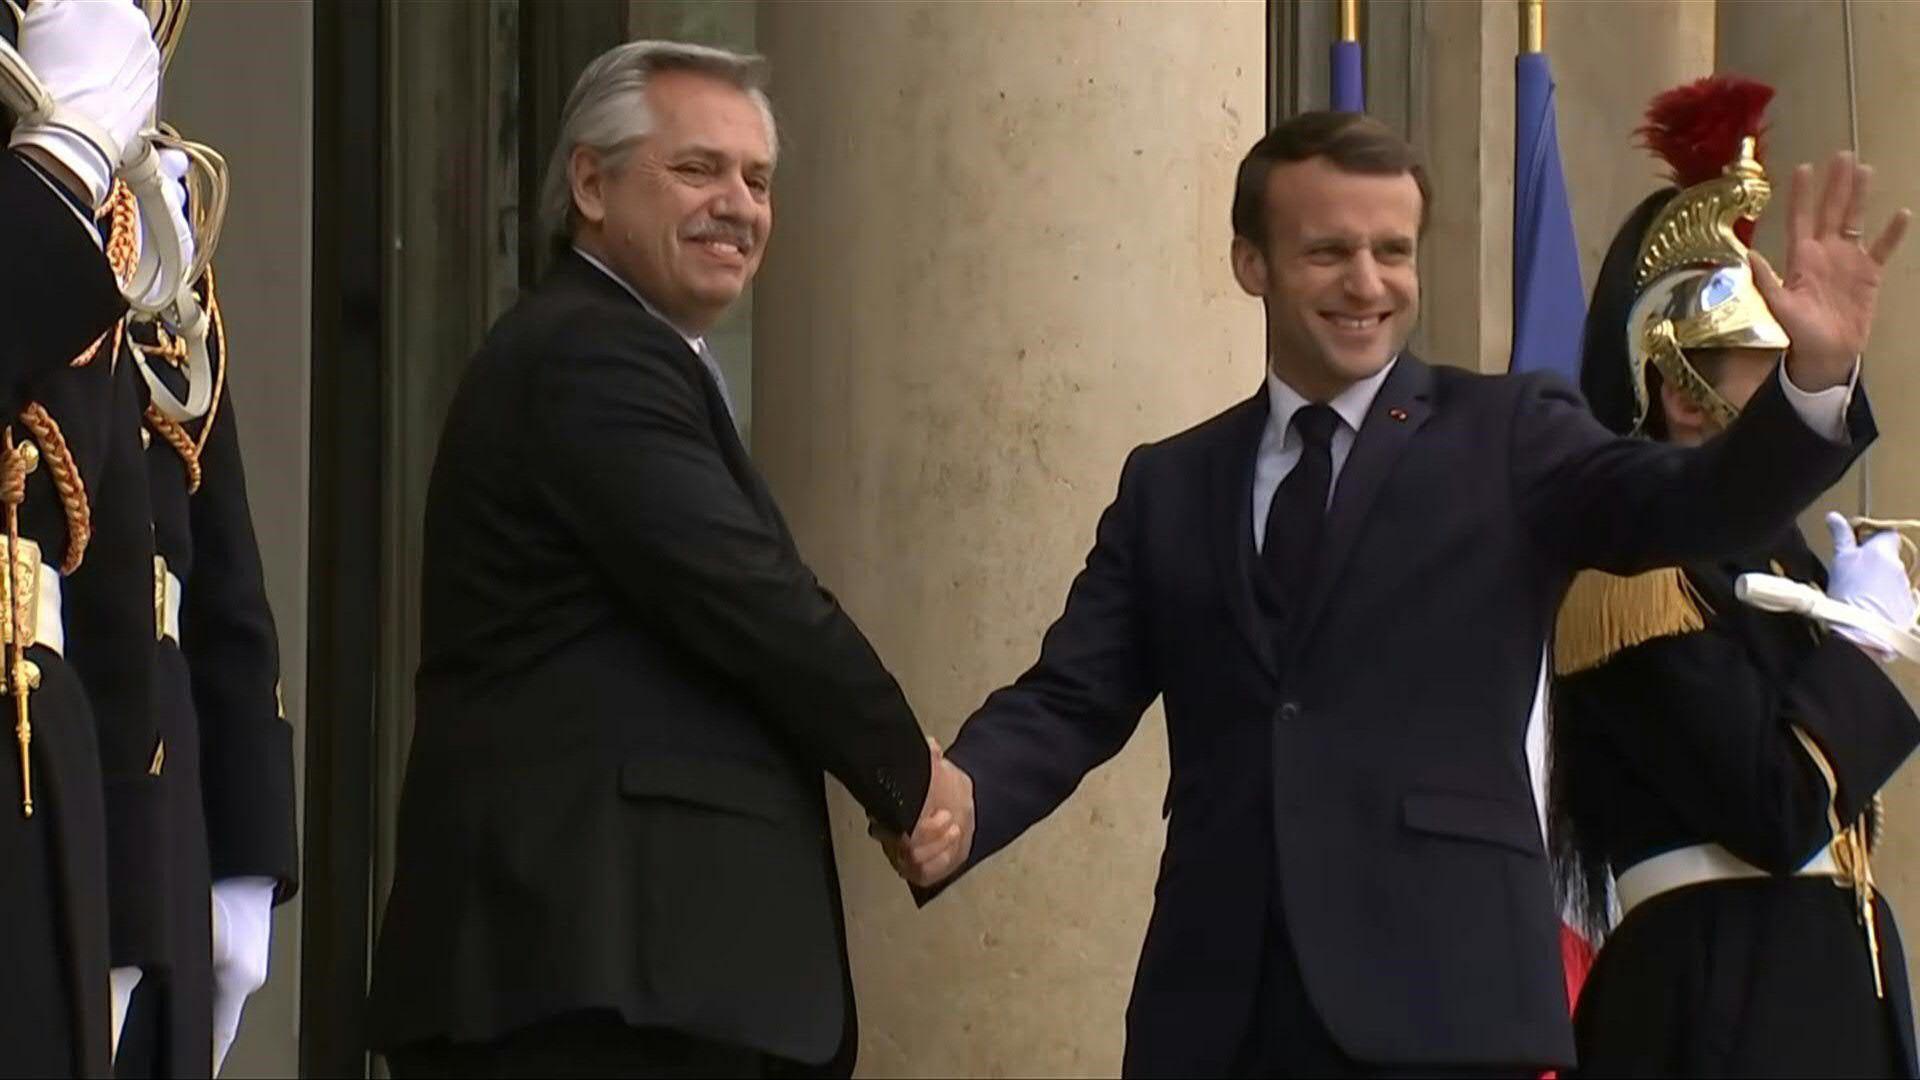 """Francia se mantendrá """"junto"""" a Argentina en la negociación de su deuda con el FMI, prometió el miércoles el presidente francés, Emmanuel Macron, a su homólogo argentino, Alberto Fernández, que culmina en París una gira europea de una semana."""